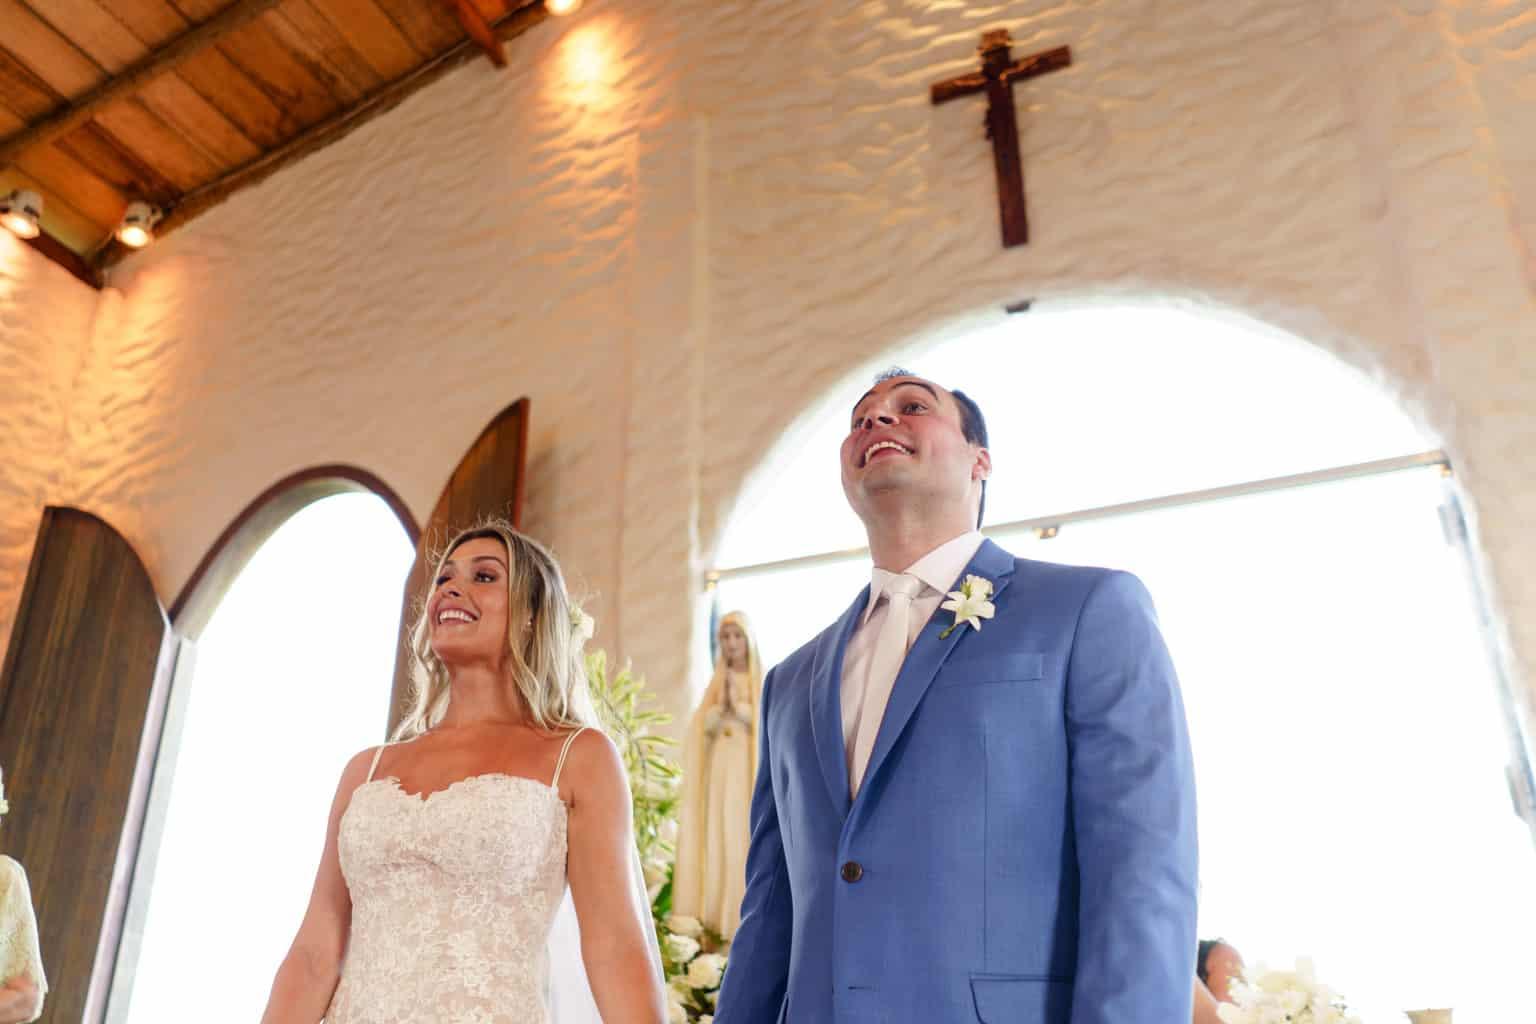 AL-Aline-e-Mauricio-capela-dos-milagres-casamento-casamento-na-praia-cerimonia-na-igreja-noivos-na-igreja83-1